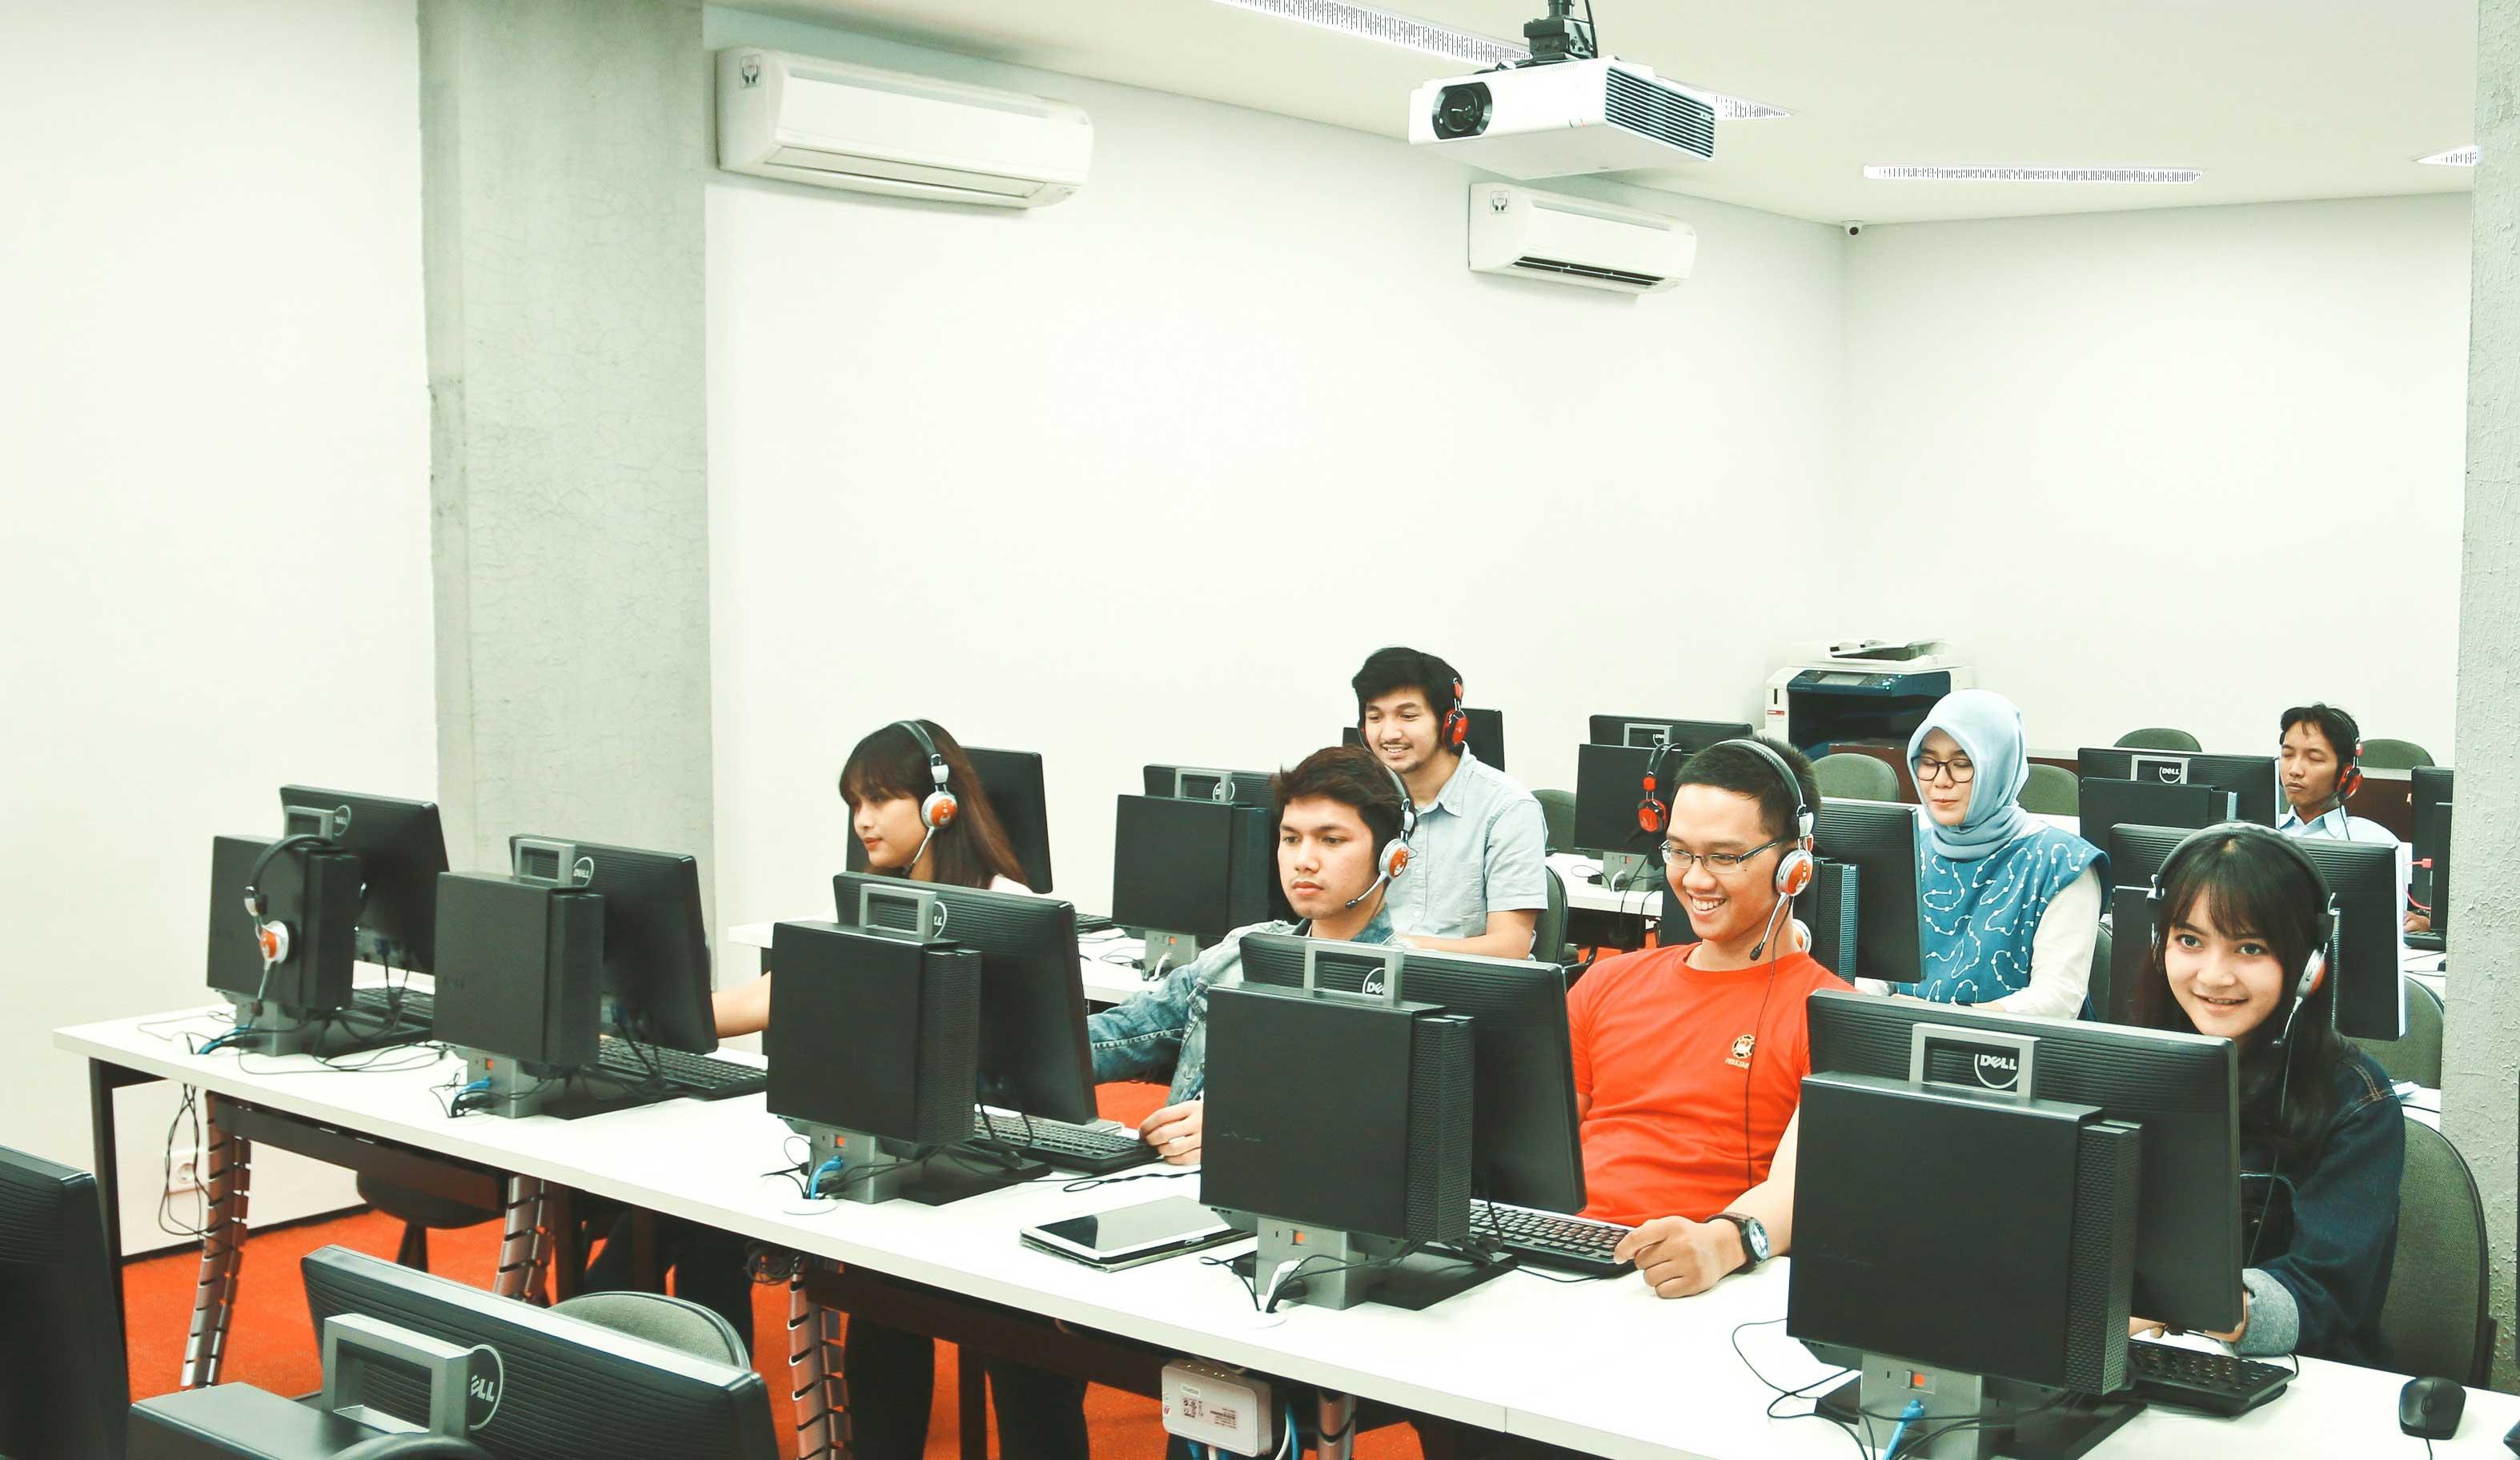 IALF Surabaya - Computer lab